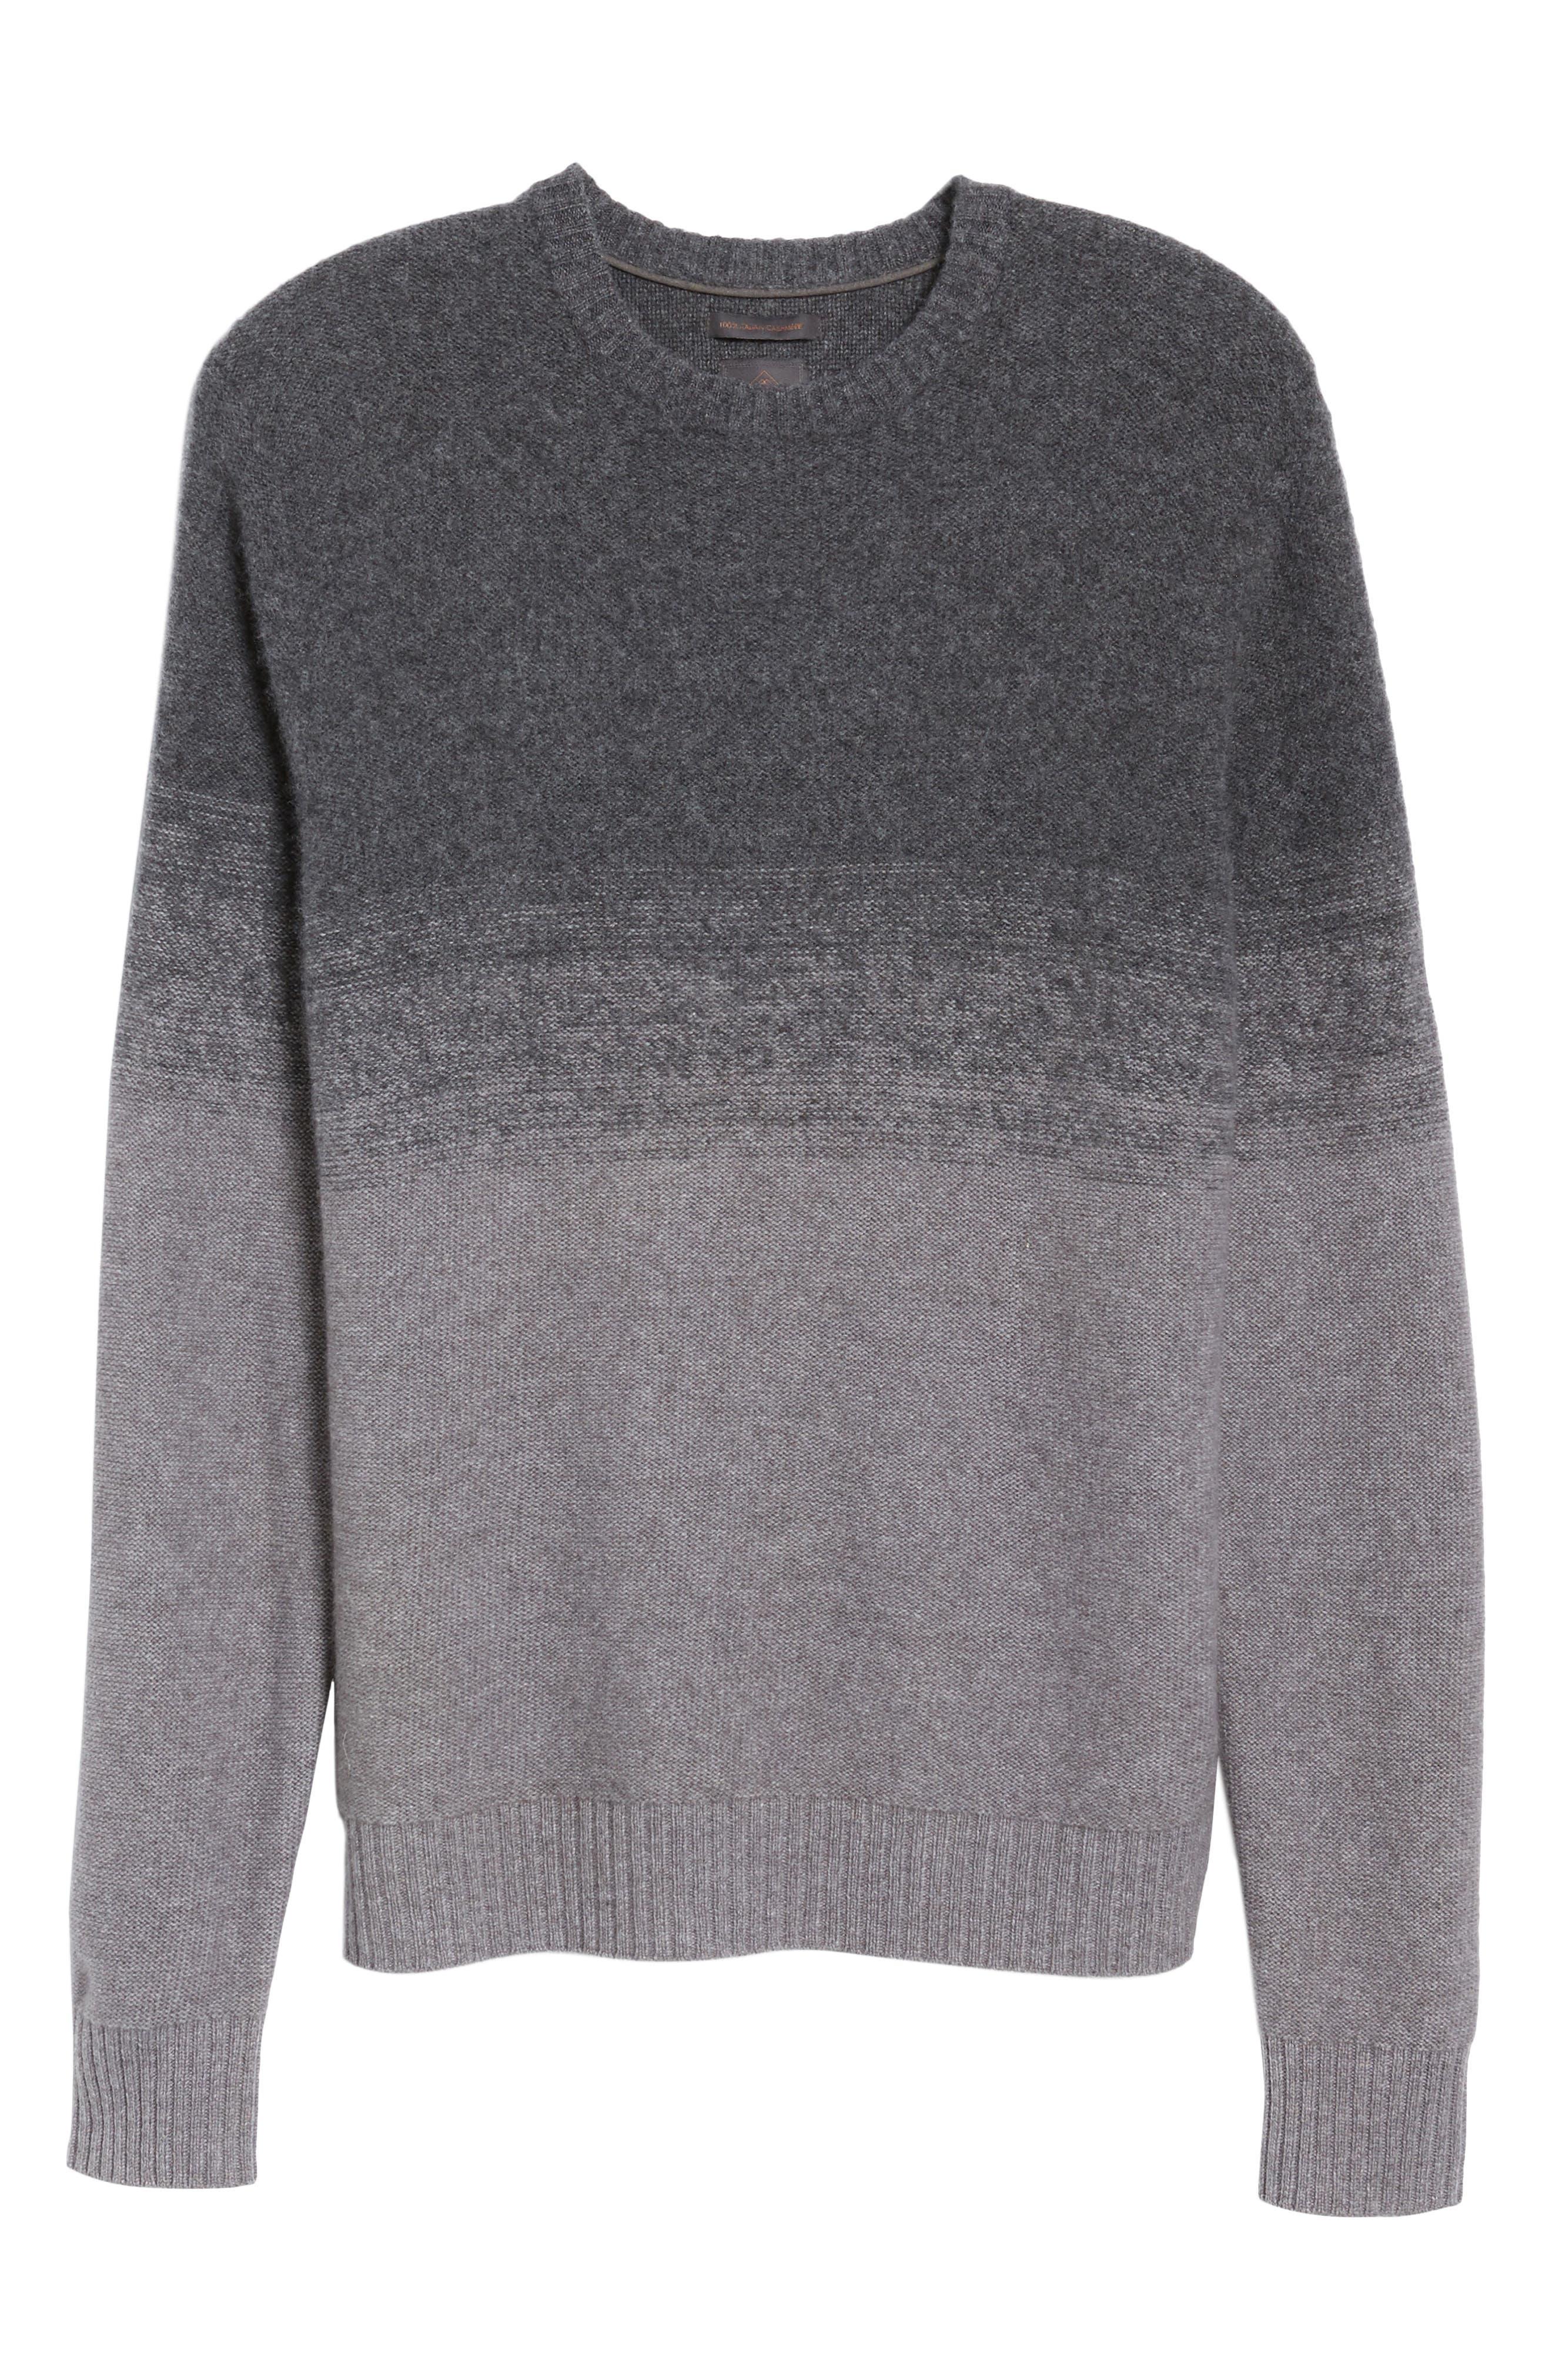 Monte Rosse Ombré Cashmere Sweater,                             Alternate thumbnail 6, color,                             030